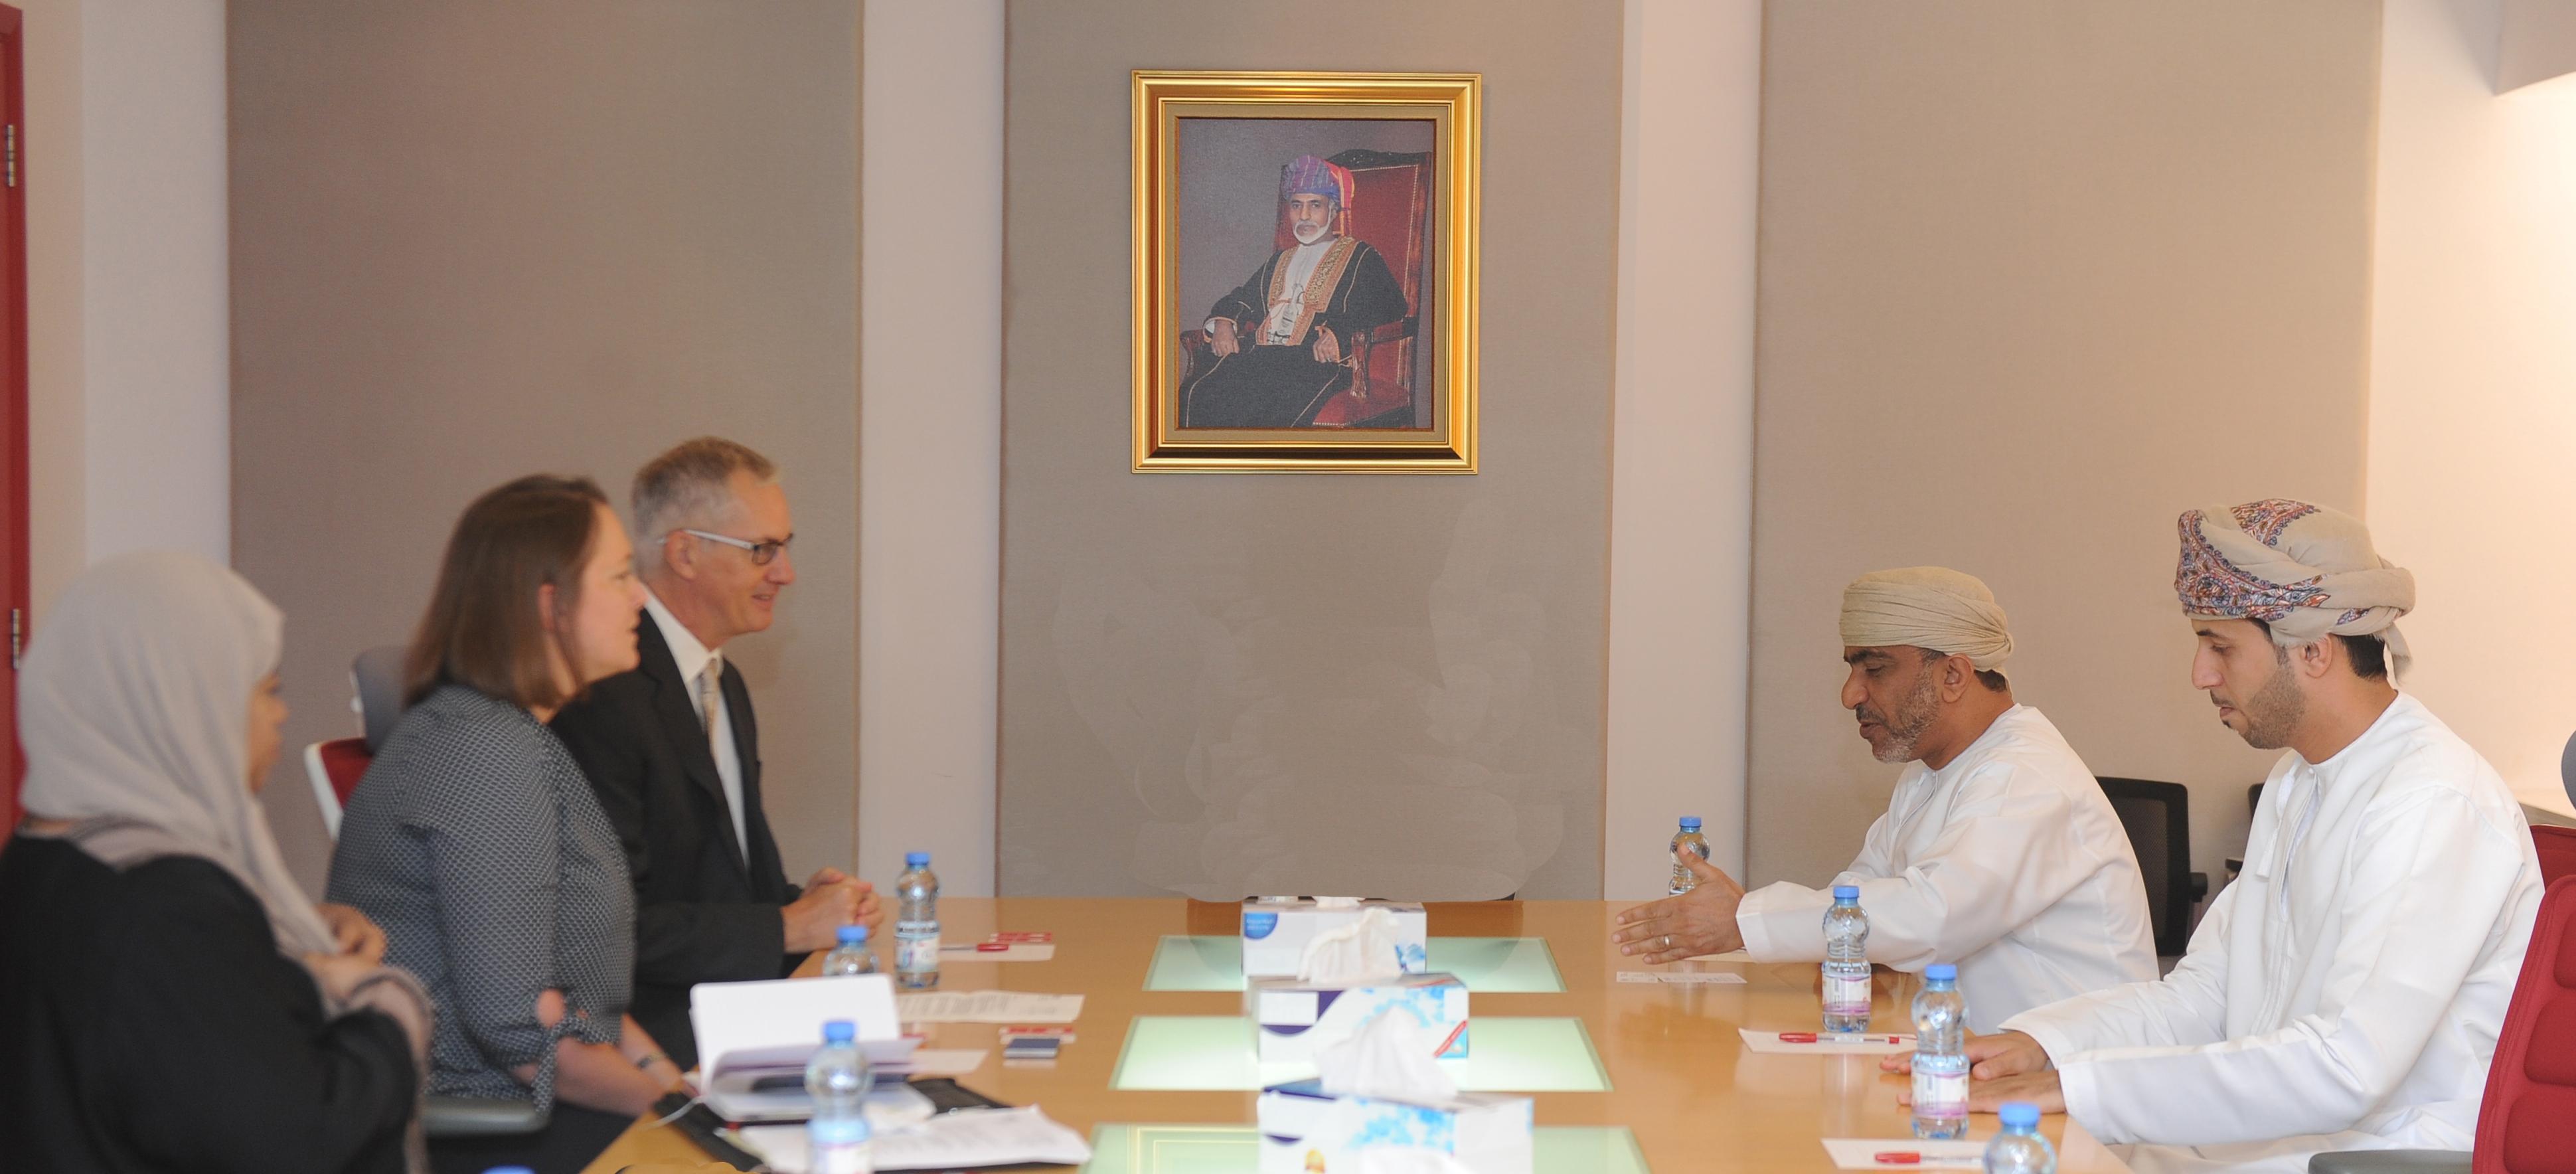 الوهيبي يلتقي مدير عام المجلس الثقافي البريطاني